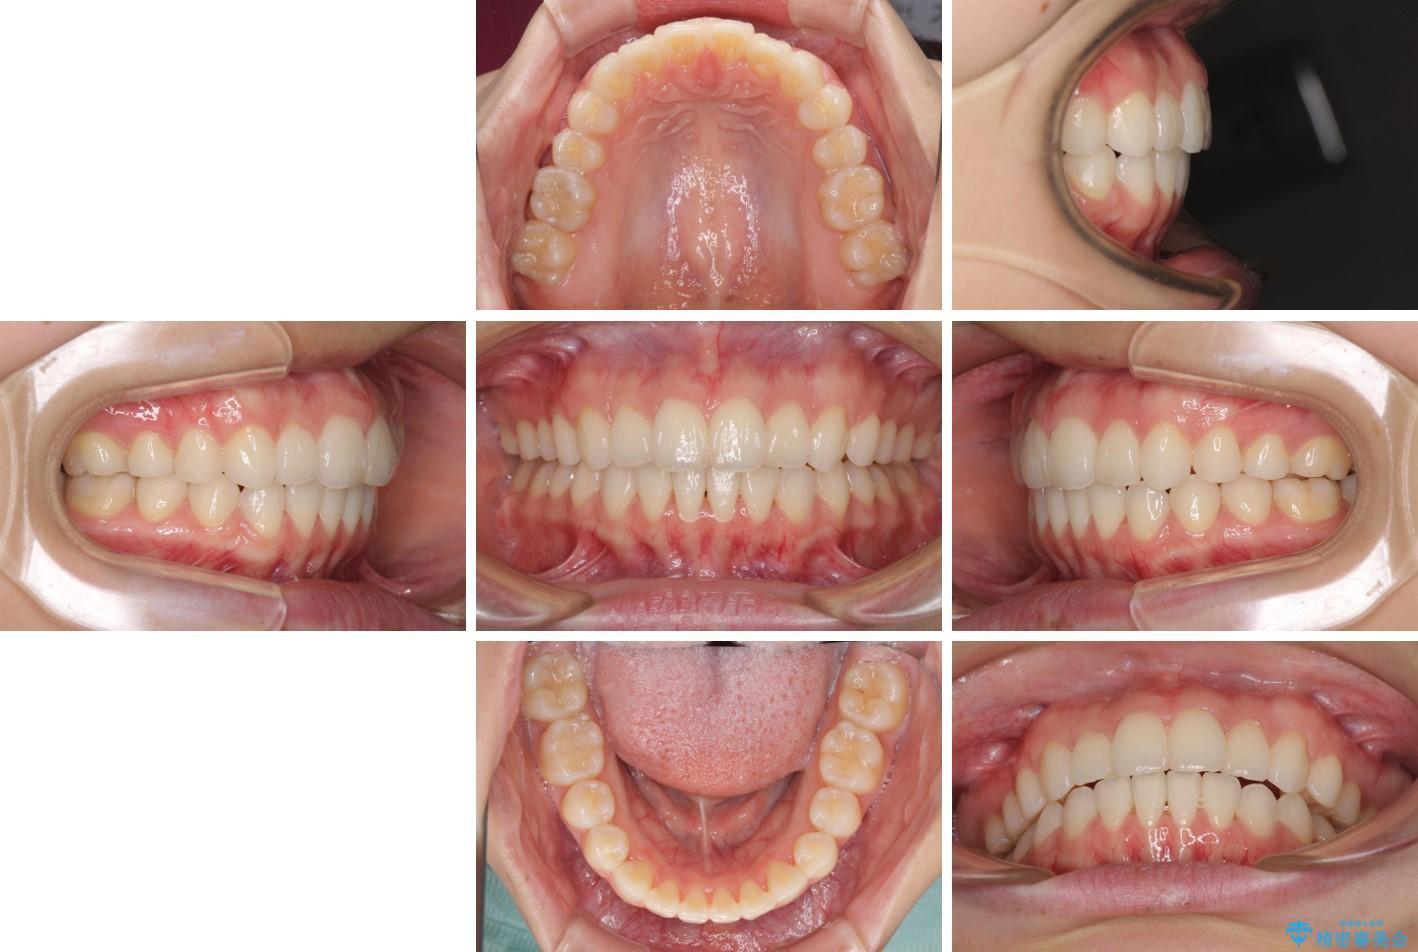 デコボコで飛び出した前歯をきれいに インビザラインによる矯正治療 治療後画像